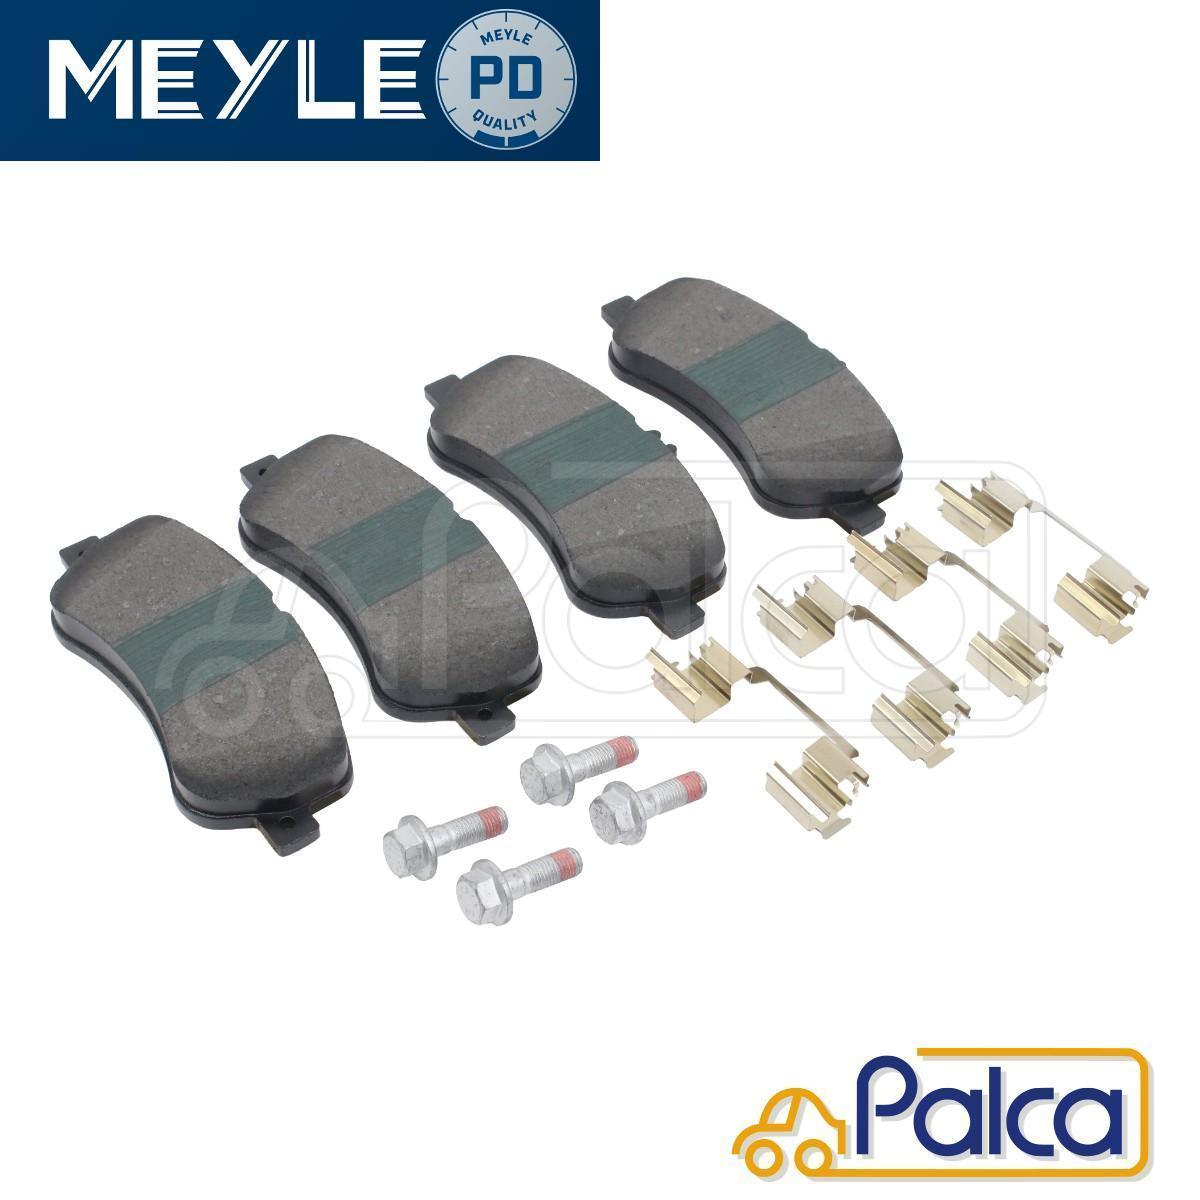 メルセデス ベンツ フロントブレーキパッド 低ダストPD| GLKクラス|X204/GLK300 GLK350 | MEYLE製 | 0074206620_画像1